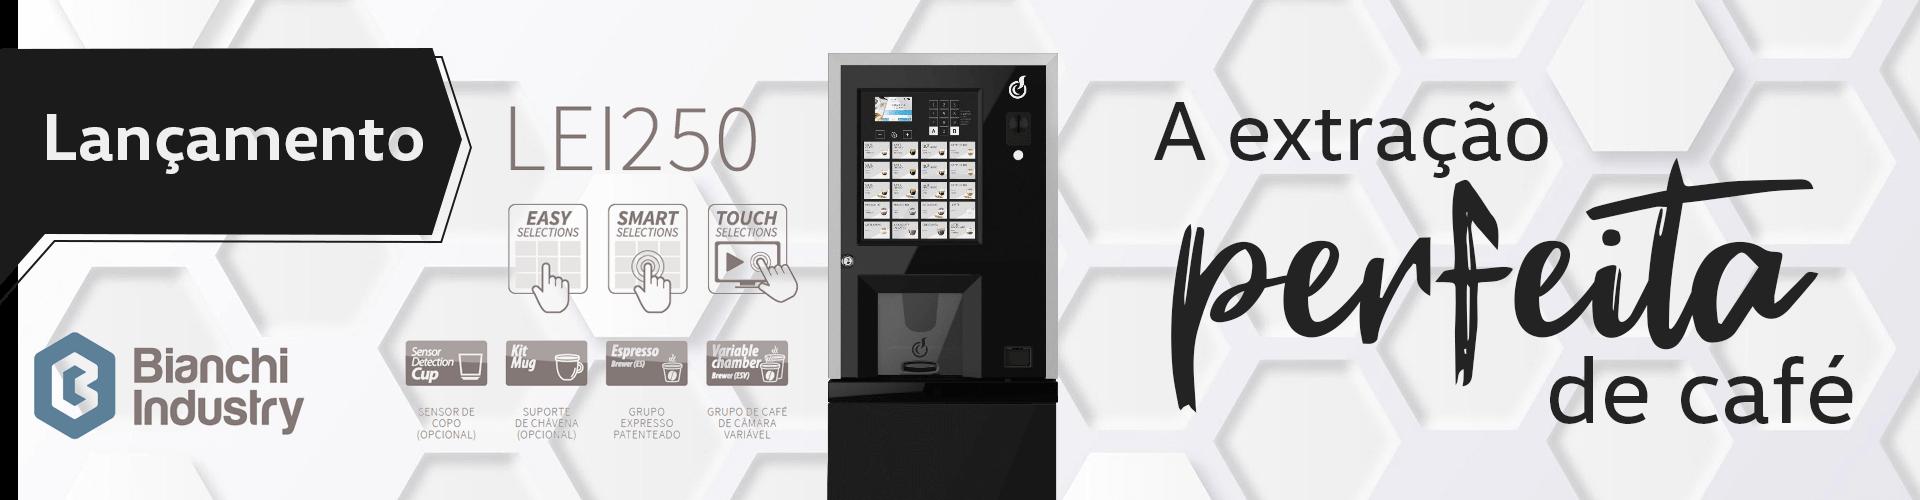 Lancamento LEI 250 - A extração perfeita do café